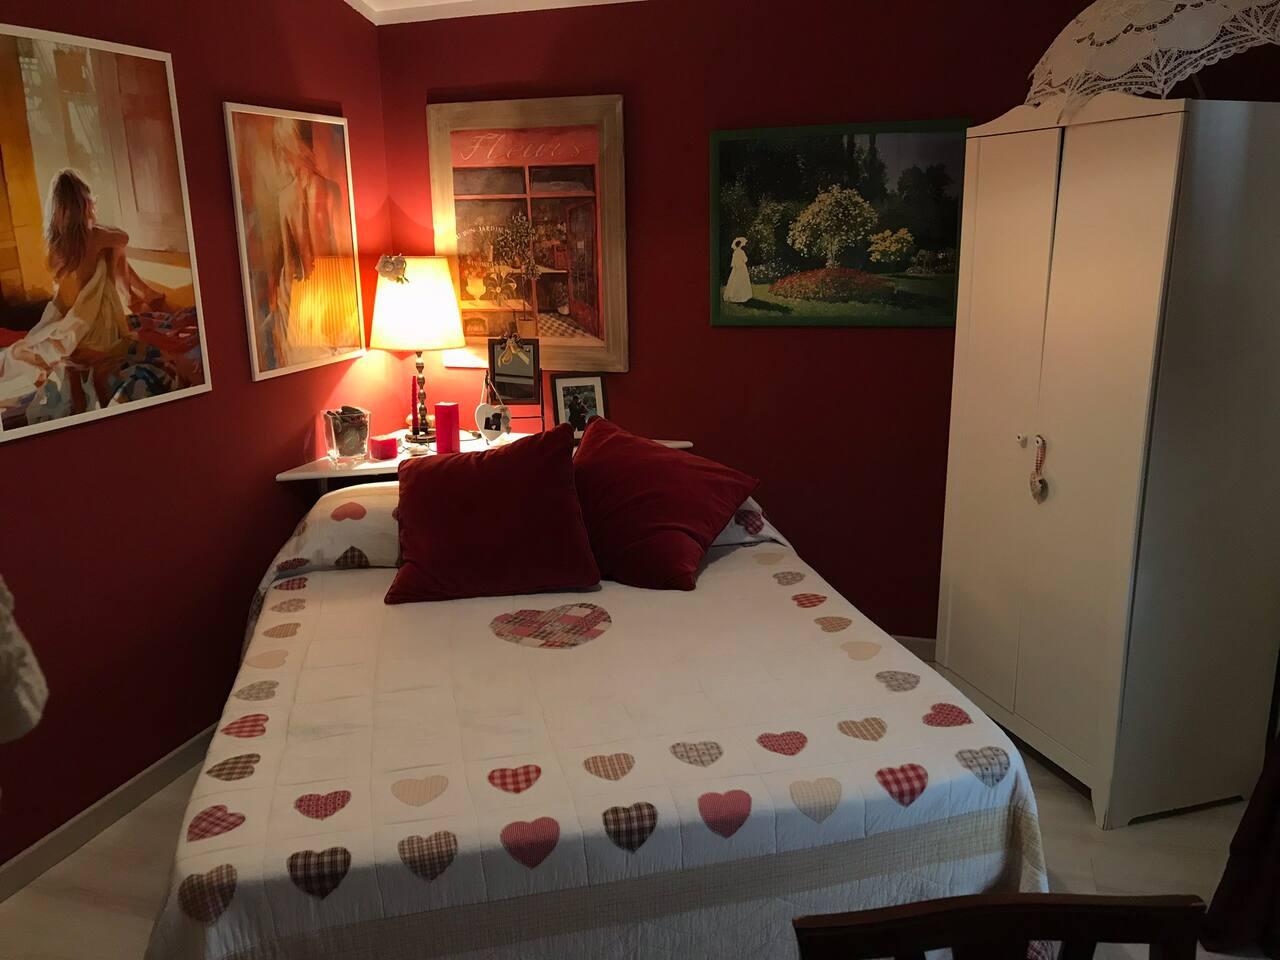 Camera con letto matrimoniale a disposizione degli ospiti